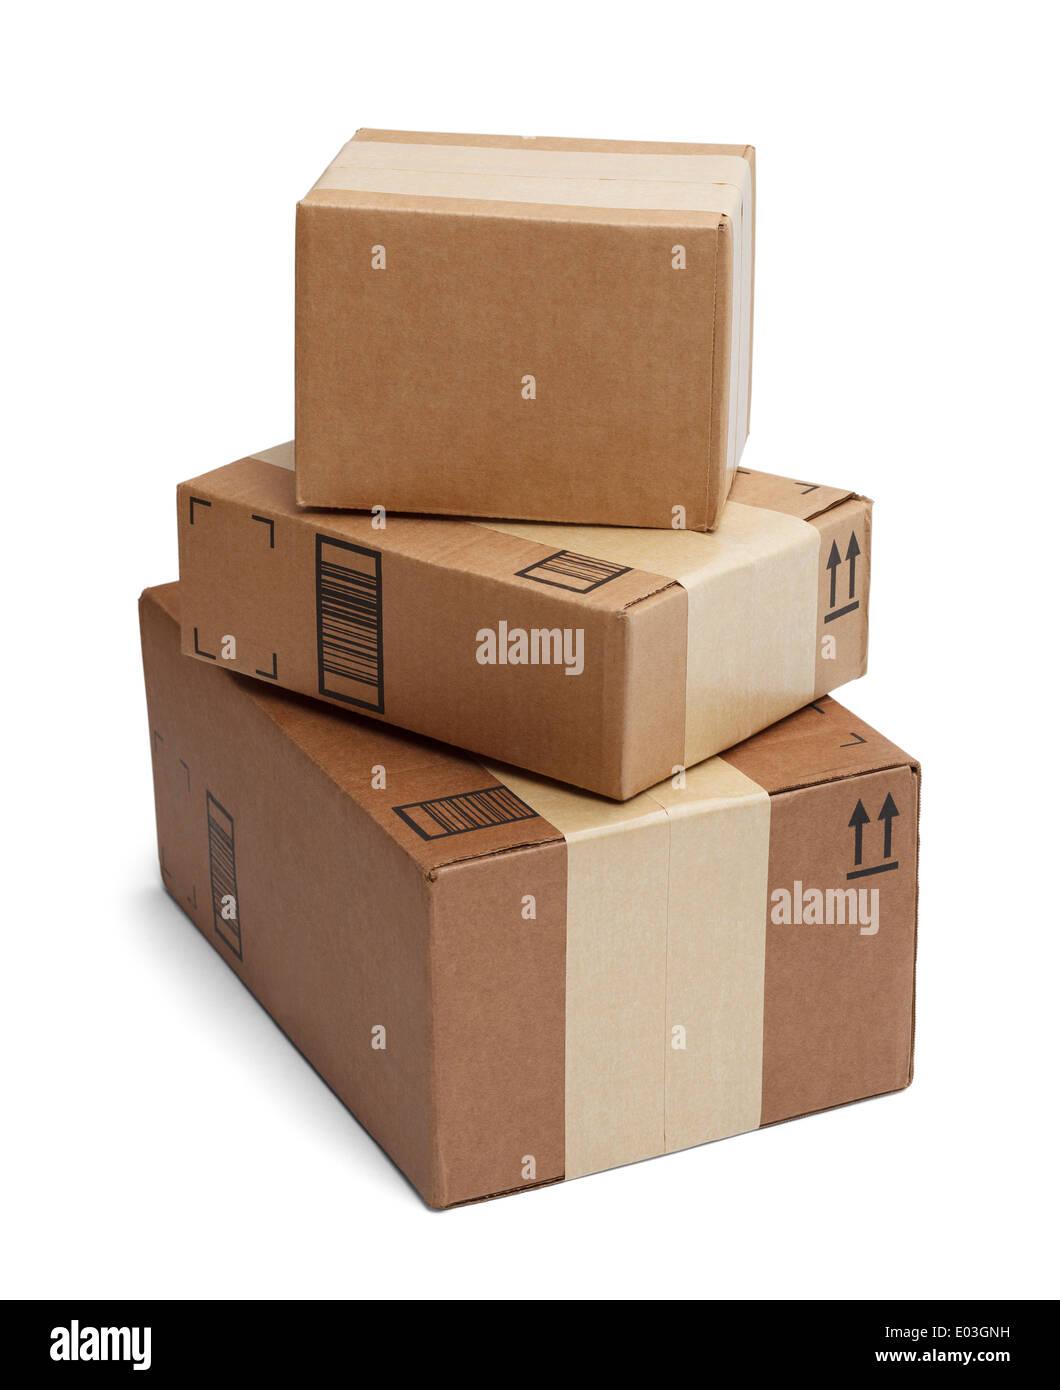 Drei Kisten gestapelt hoch isolierten auf weißen Hintergrund. Stockbild